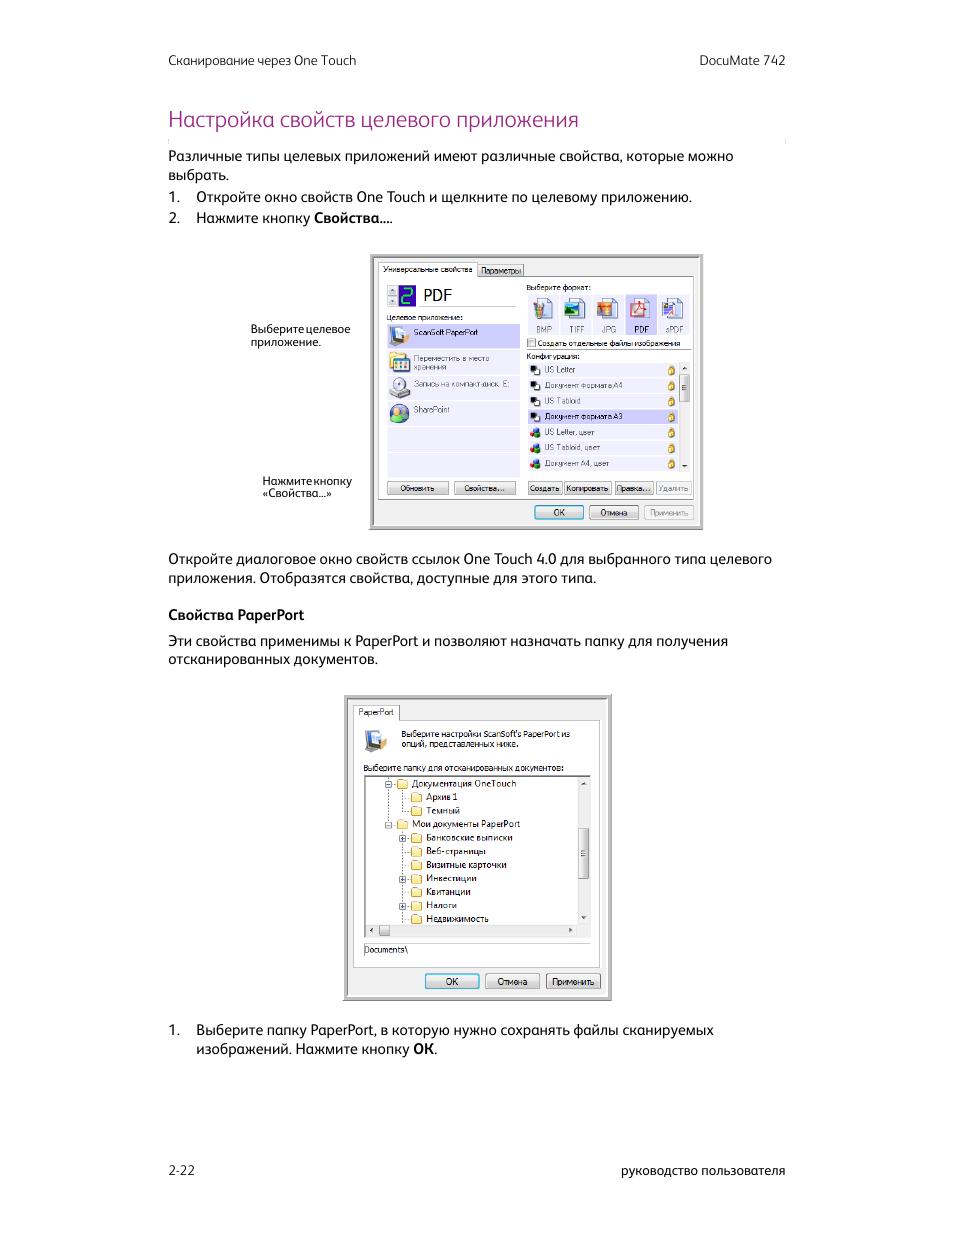 Как отсканировать сшитый документ одним файлом 41